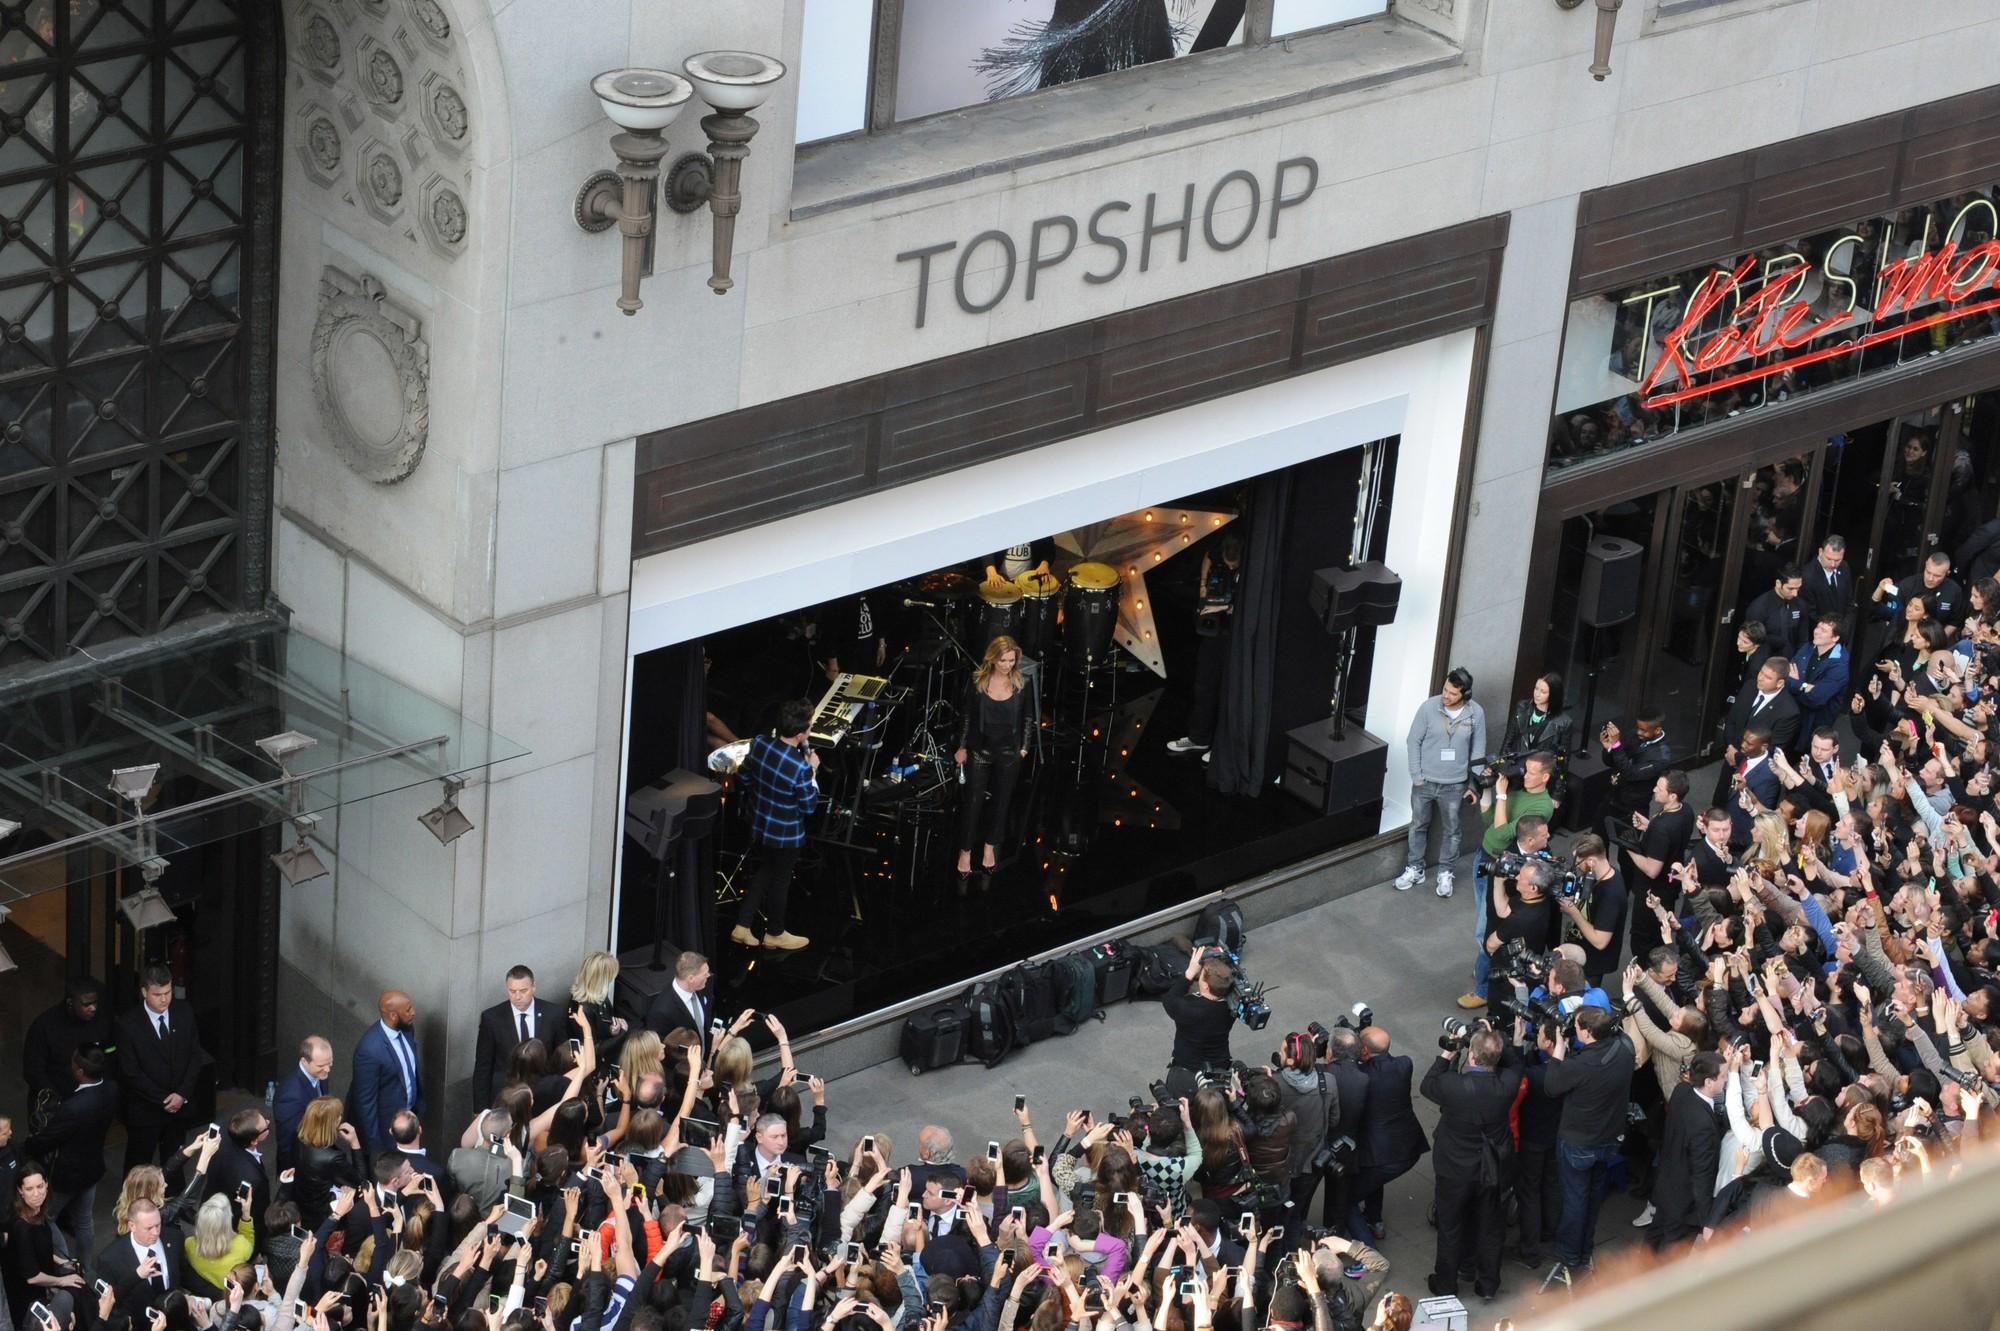 Topshop đệ đơn phá sản tại Mỹ, đóng cửa toàn bộ cửa hàng - Ảnh 2.